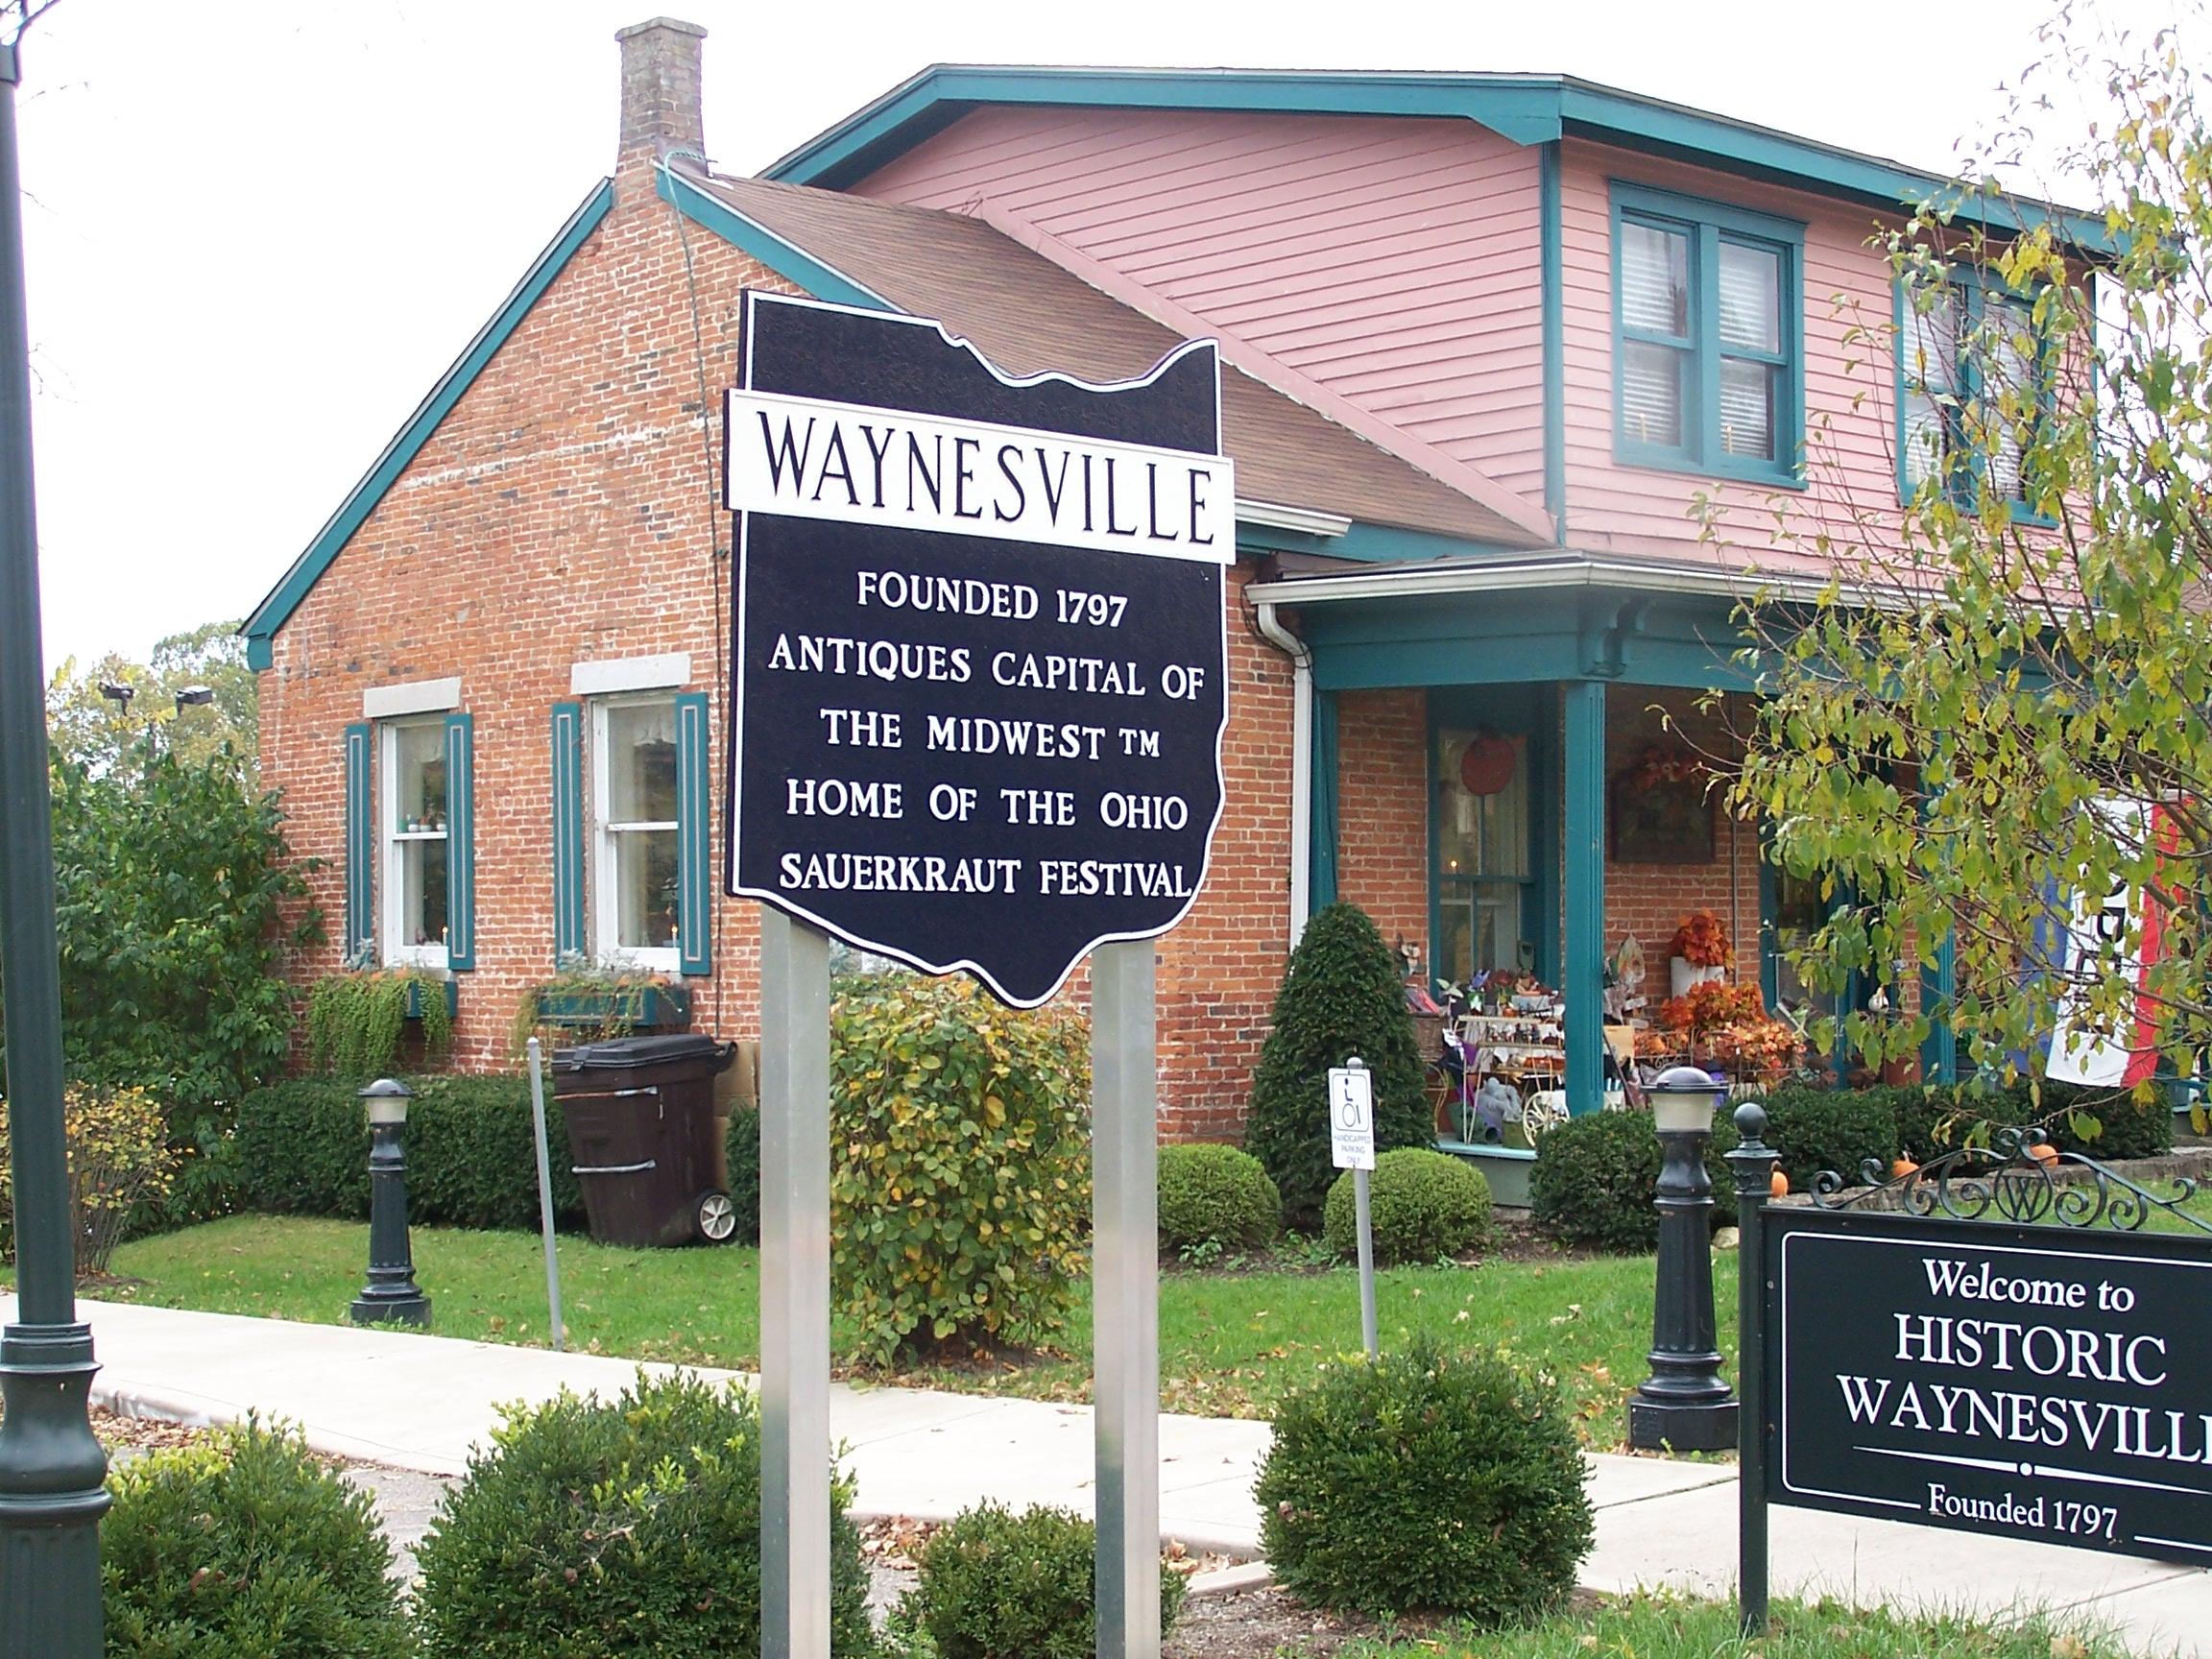 Historic Waynesville